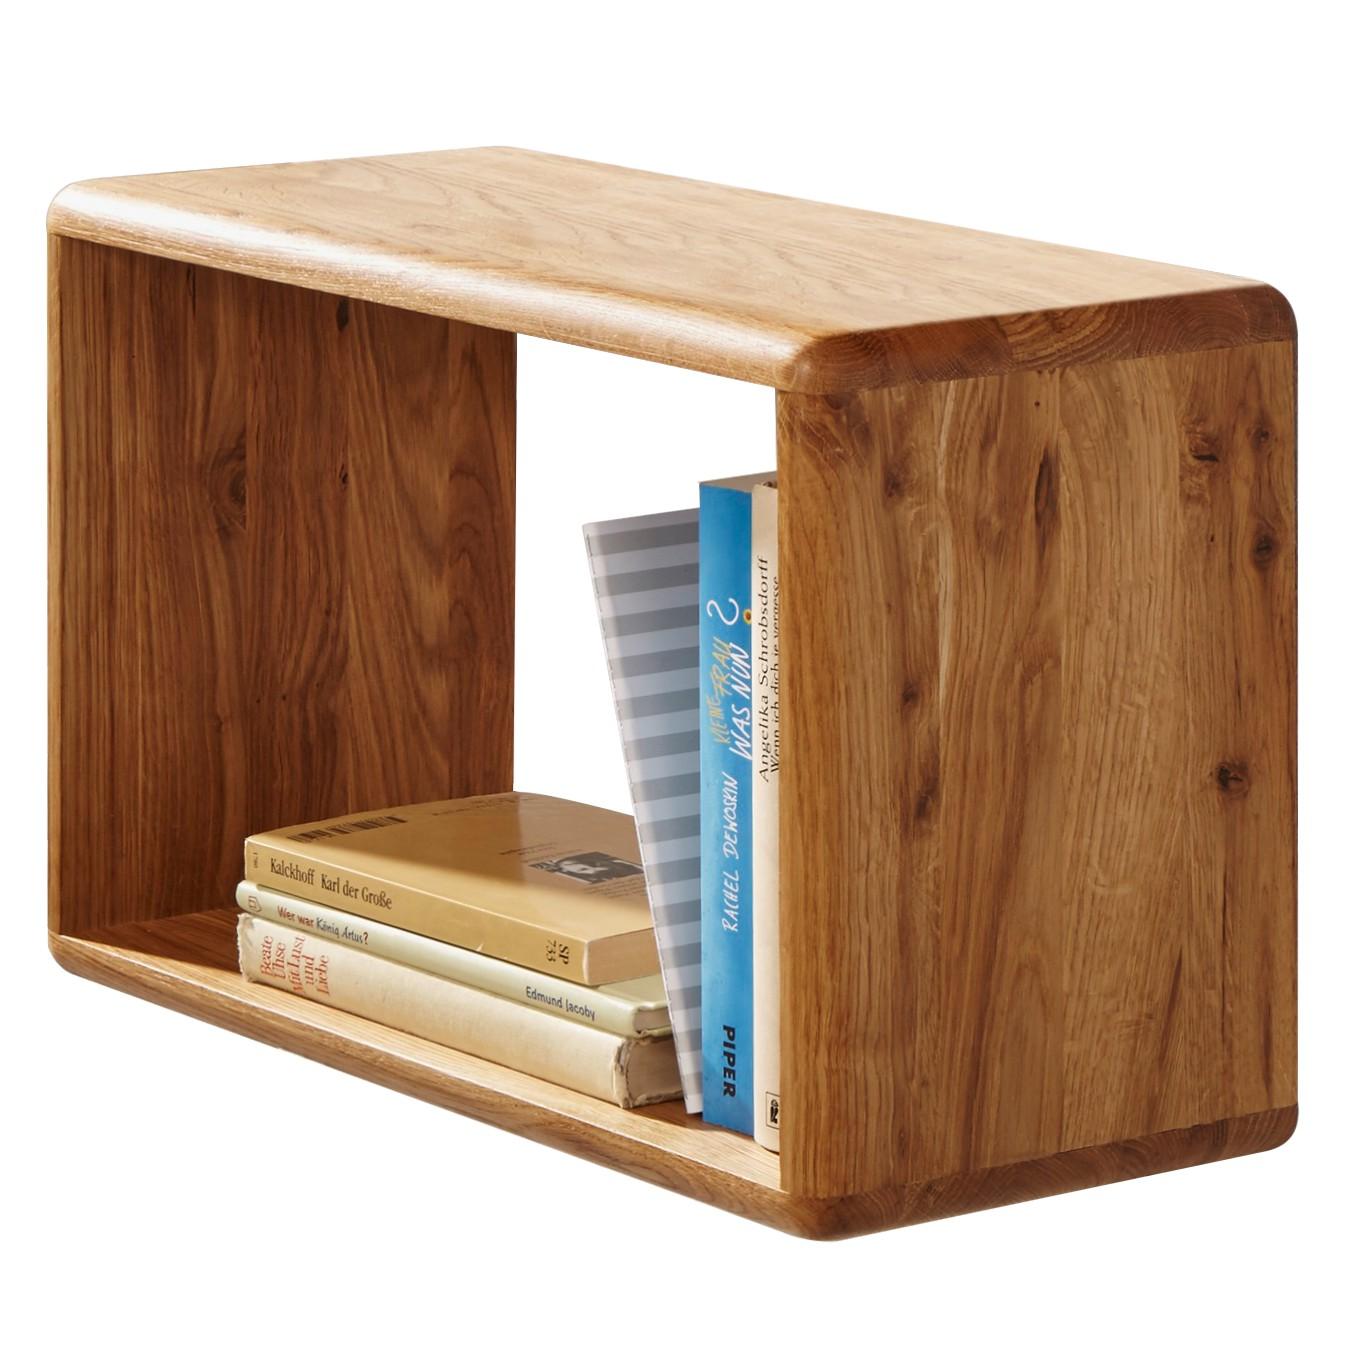 regale 20 cm tiefe preisvergleiche erfahrungsberichte und kauf bei nextag. Black Bedroom Furniture Sets. Home Design Ideas